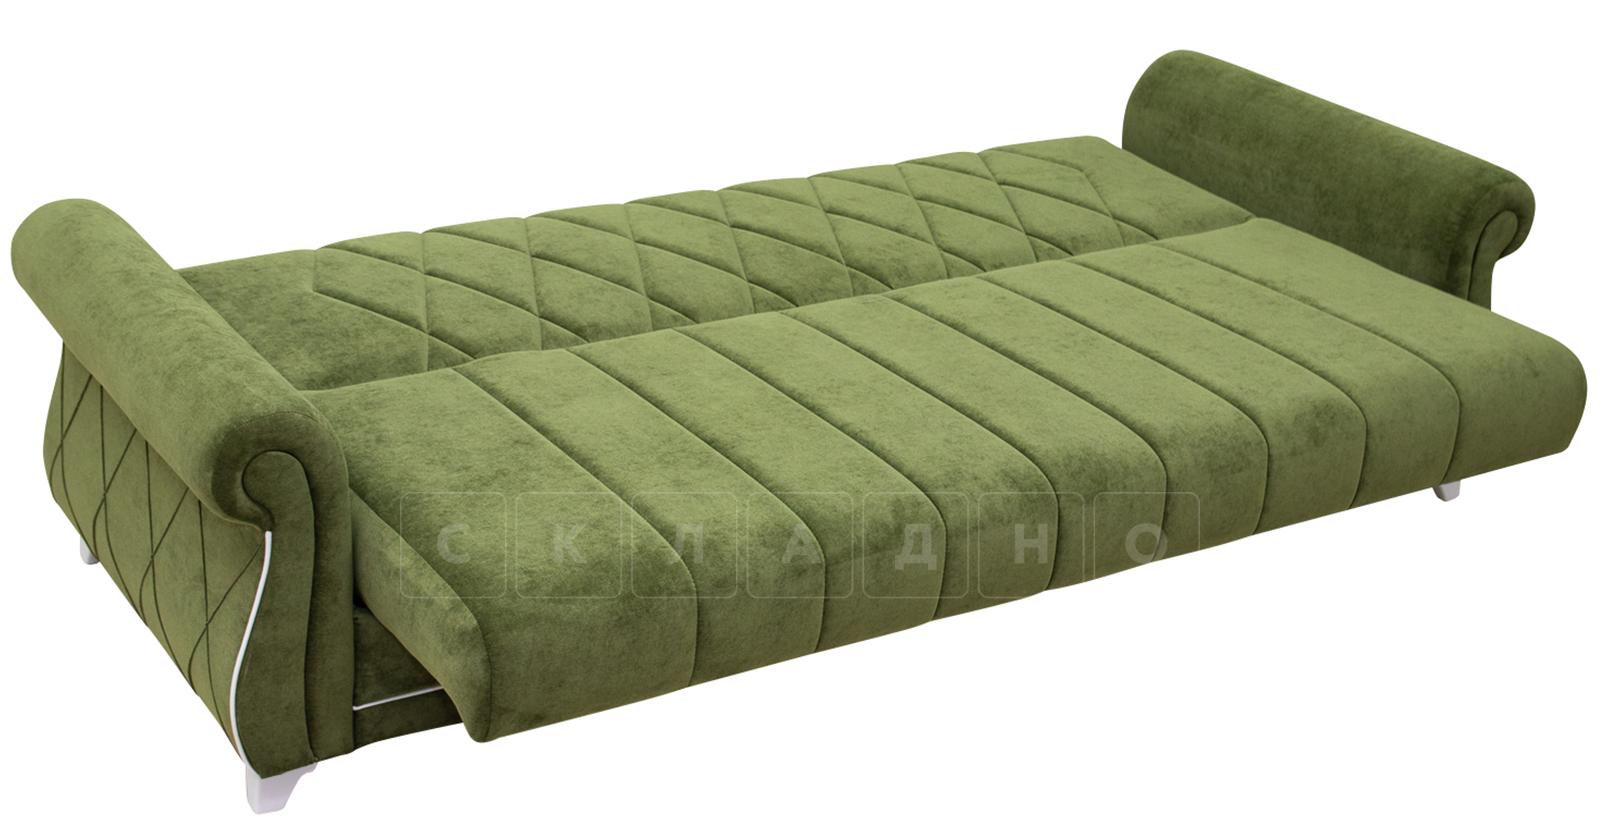 Диван-кровать Роза оливковый фото 8 | интернет-магазин Складно